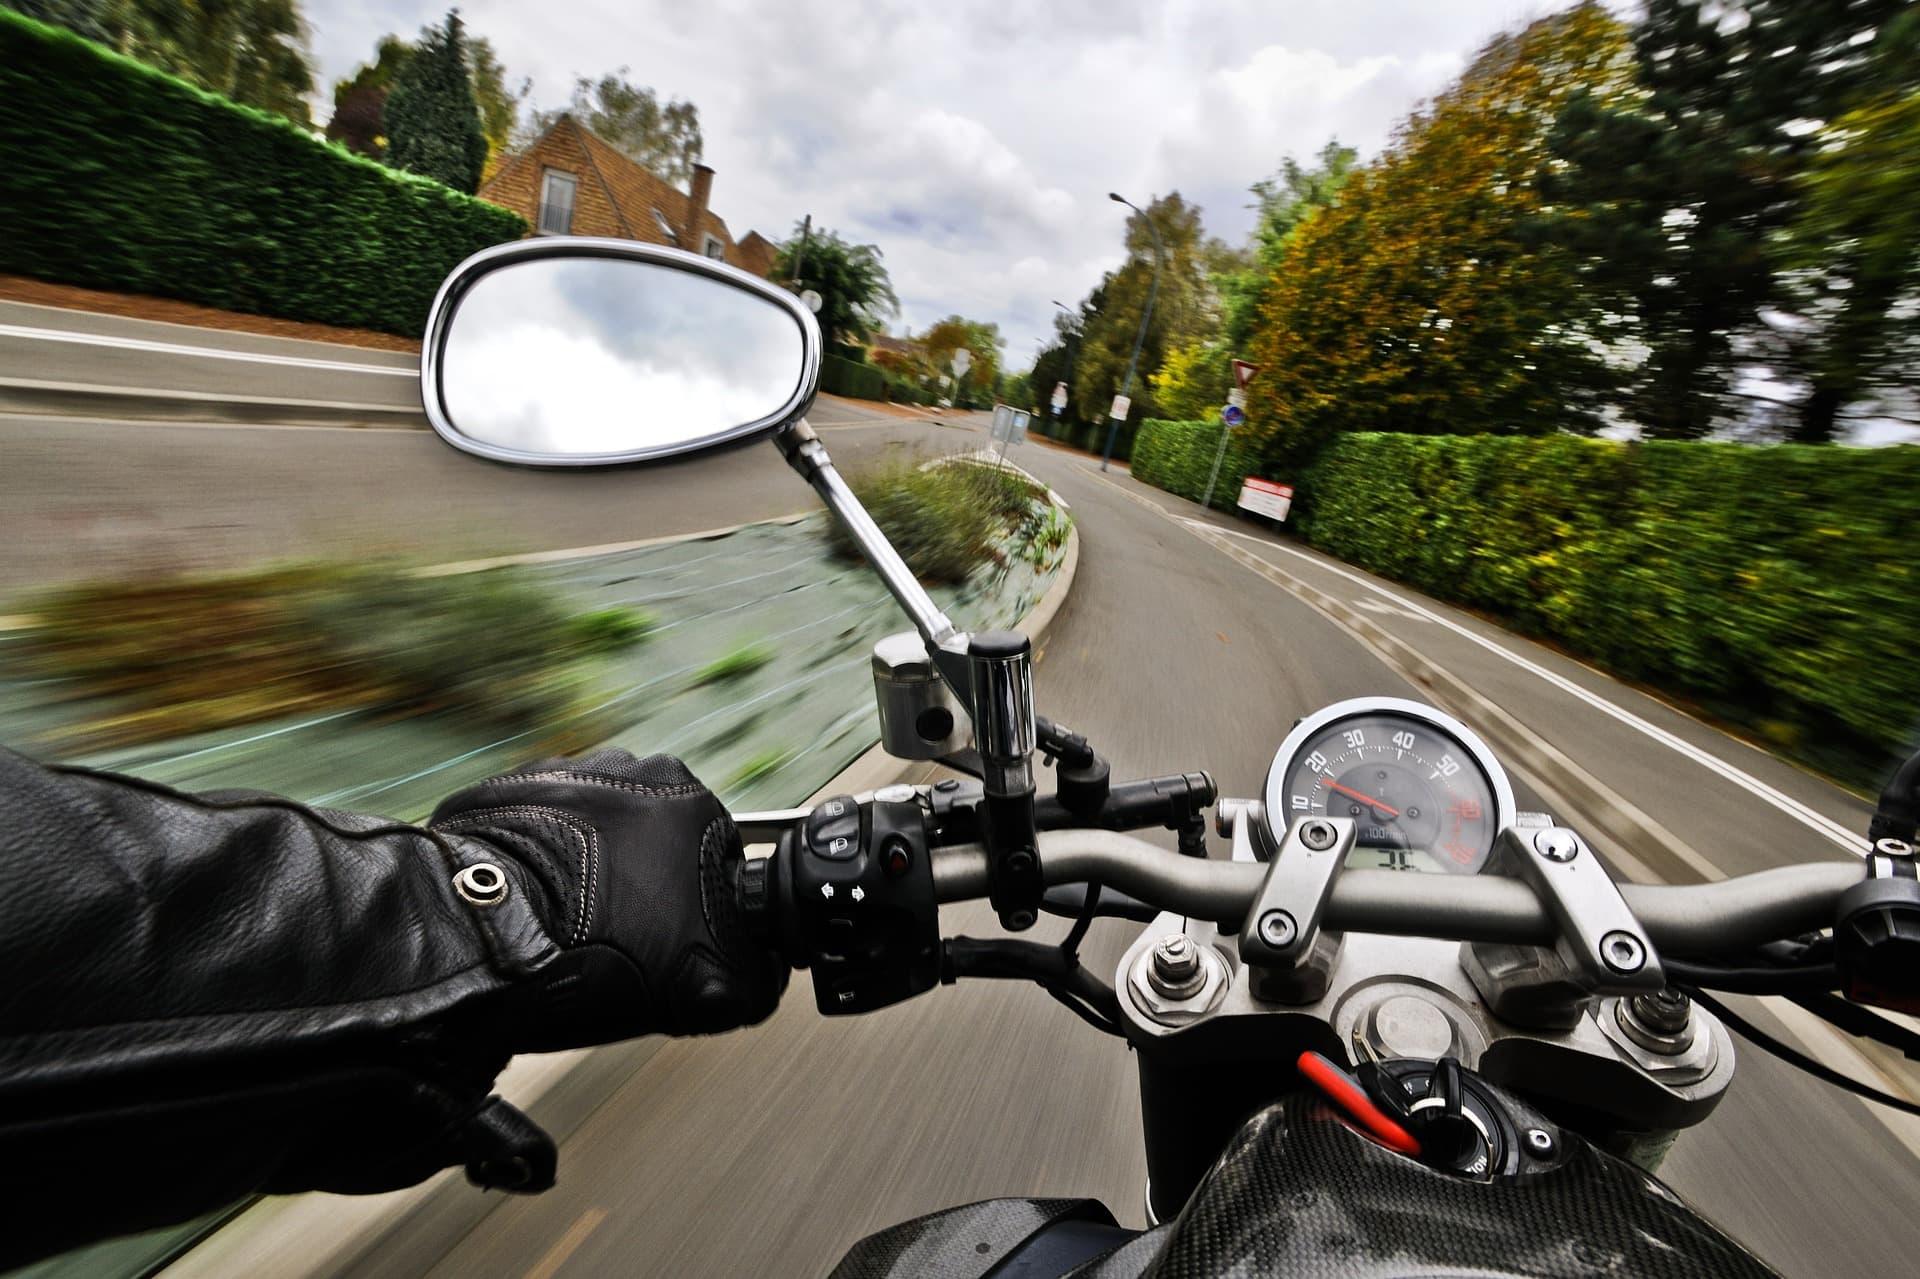 Tödliche Geschwindigkeit Unfallstatistik zum Start der Motorradsaison / Sicherheitstipps der Polizei